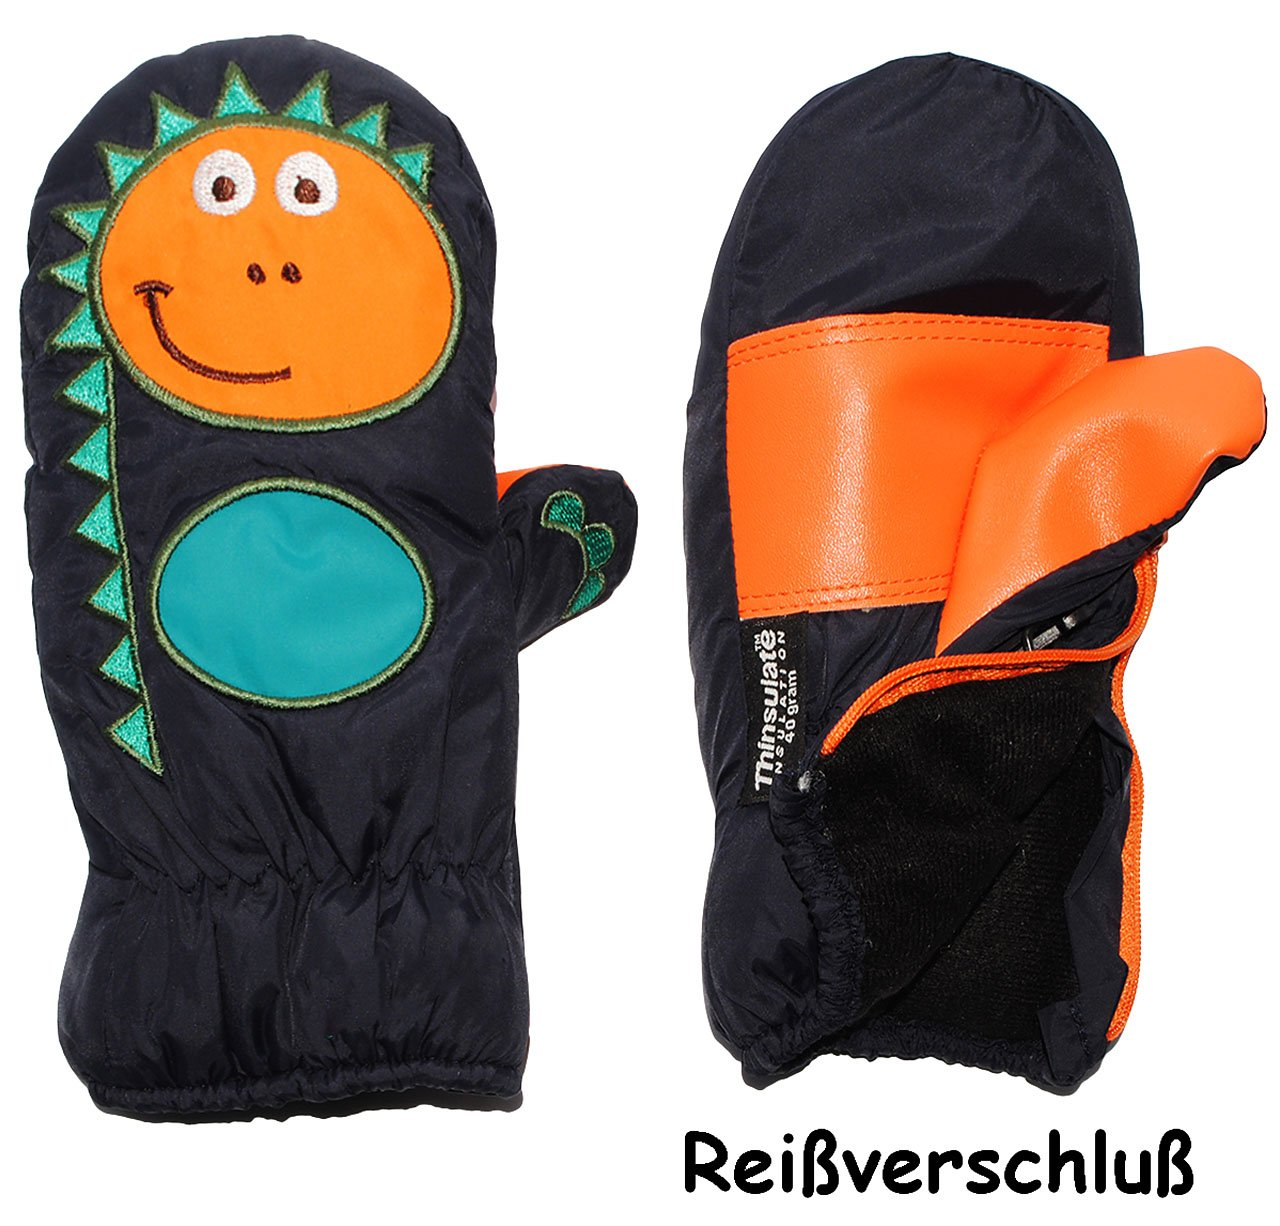 alles-meine.de GmbH Fausthandschuhe - mit Reißverschluß & langem Schaft - Gr. 9 Monate bis 12 Monate - lustiger Dinosaurier - dunkel blau - LEICHT anzuziehen ! mit Daumen - T..